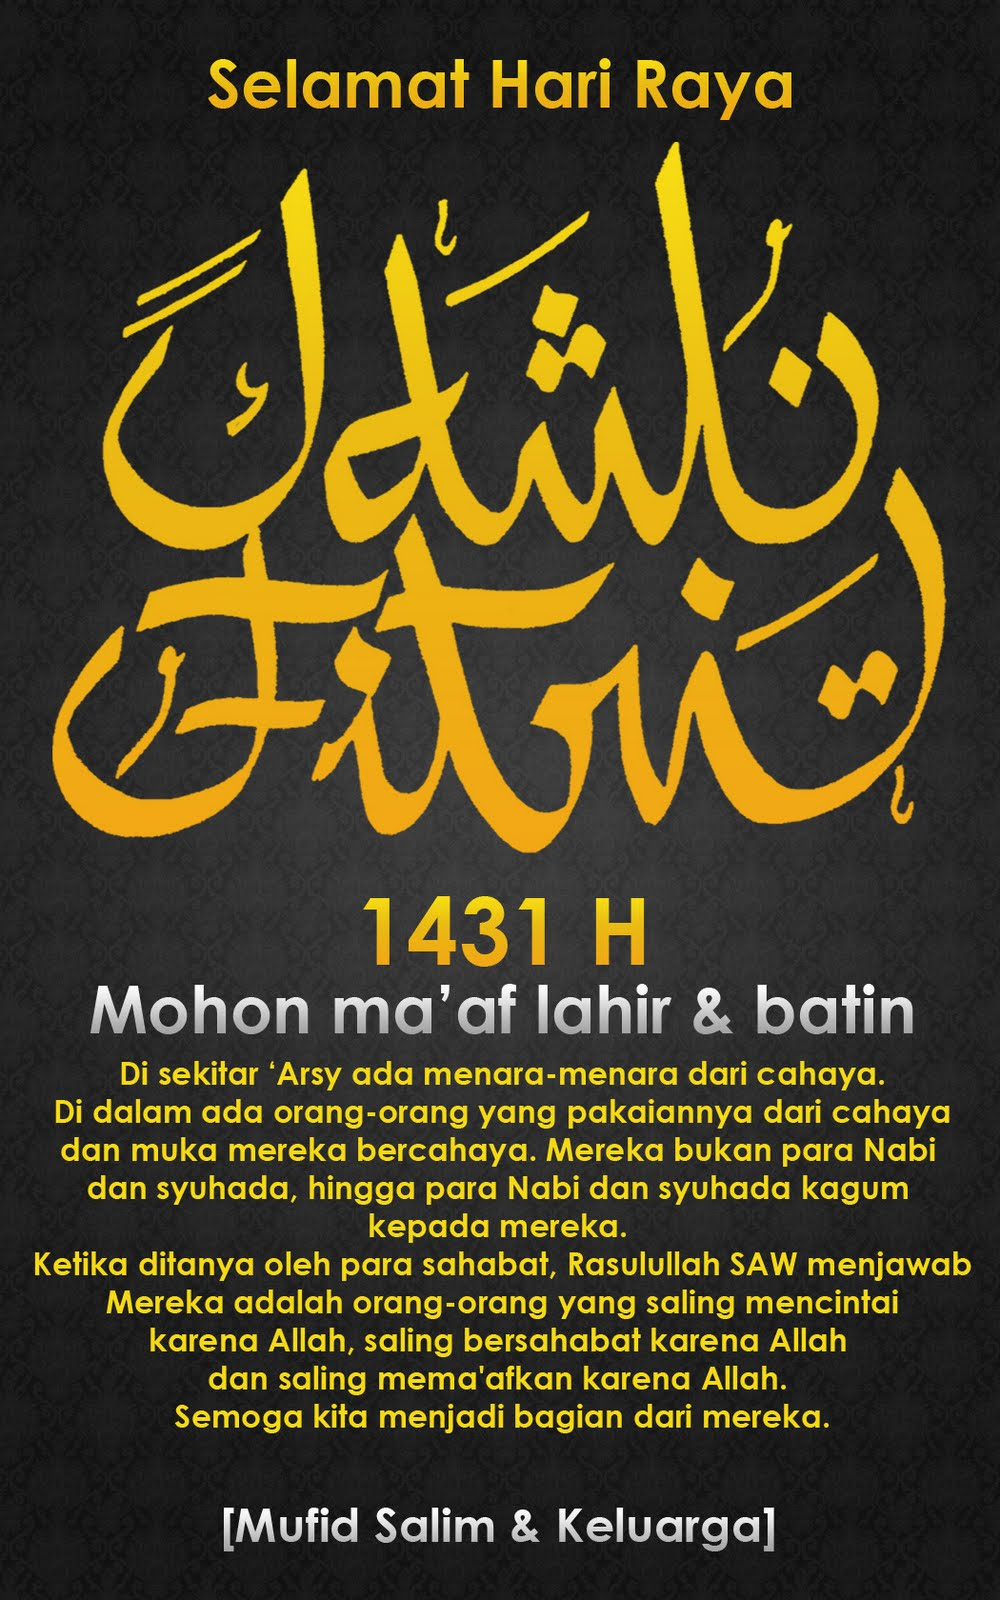 Ucapan Selamat Idul Fitri Bahasa Jawa : ucapan, selamat, fitri, bahasa, Ucapan, Fitri, Bahasa, Untuk, Orang, Nusagates